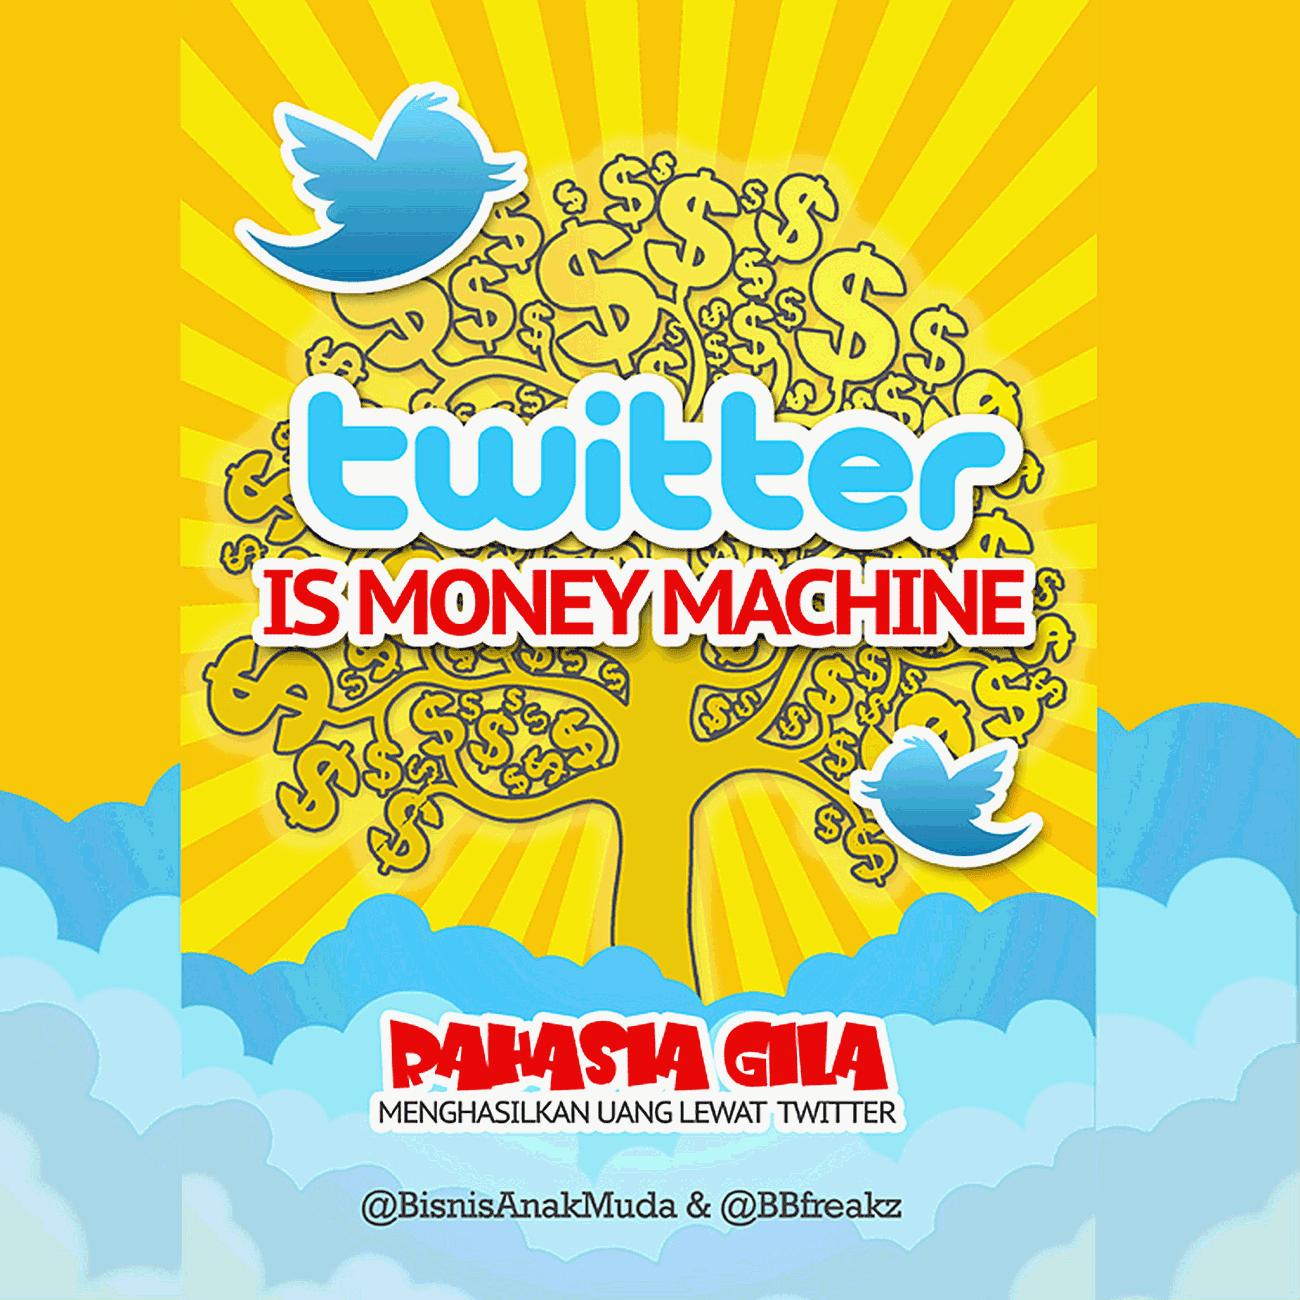 ebook-twitter-is-money-machine